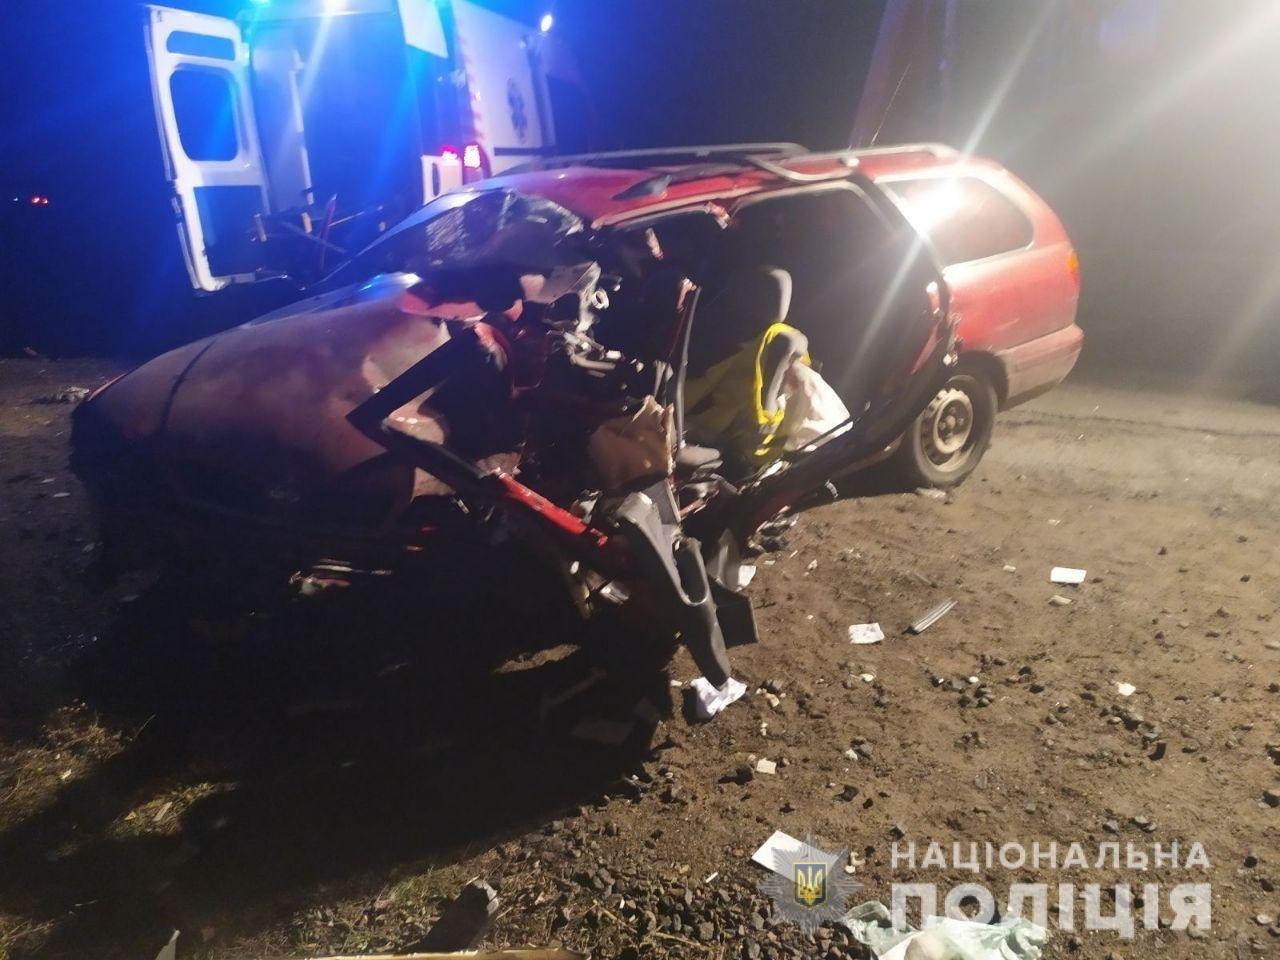 На трассе под Николаевом столкнулись грузовик и легковушка - есть погибший, фото-2